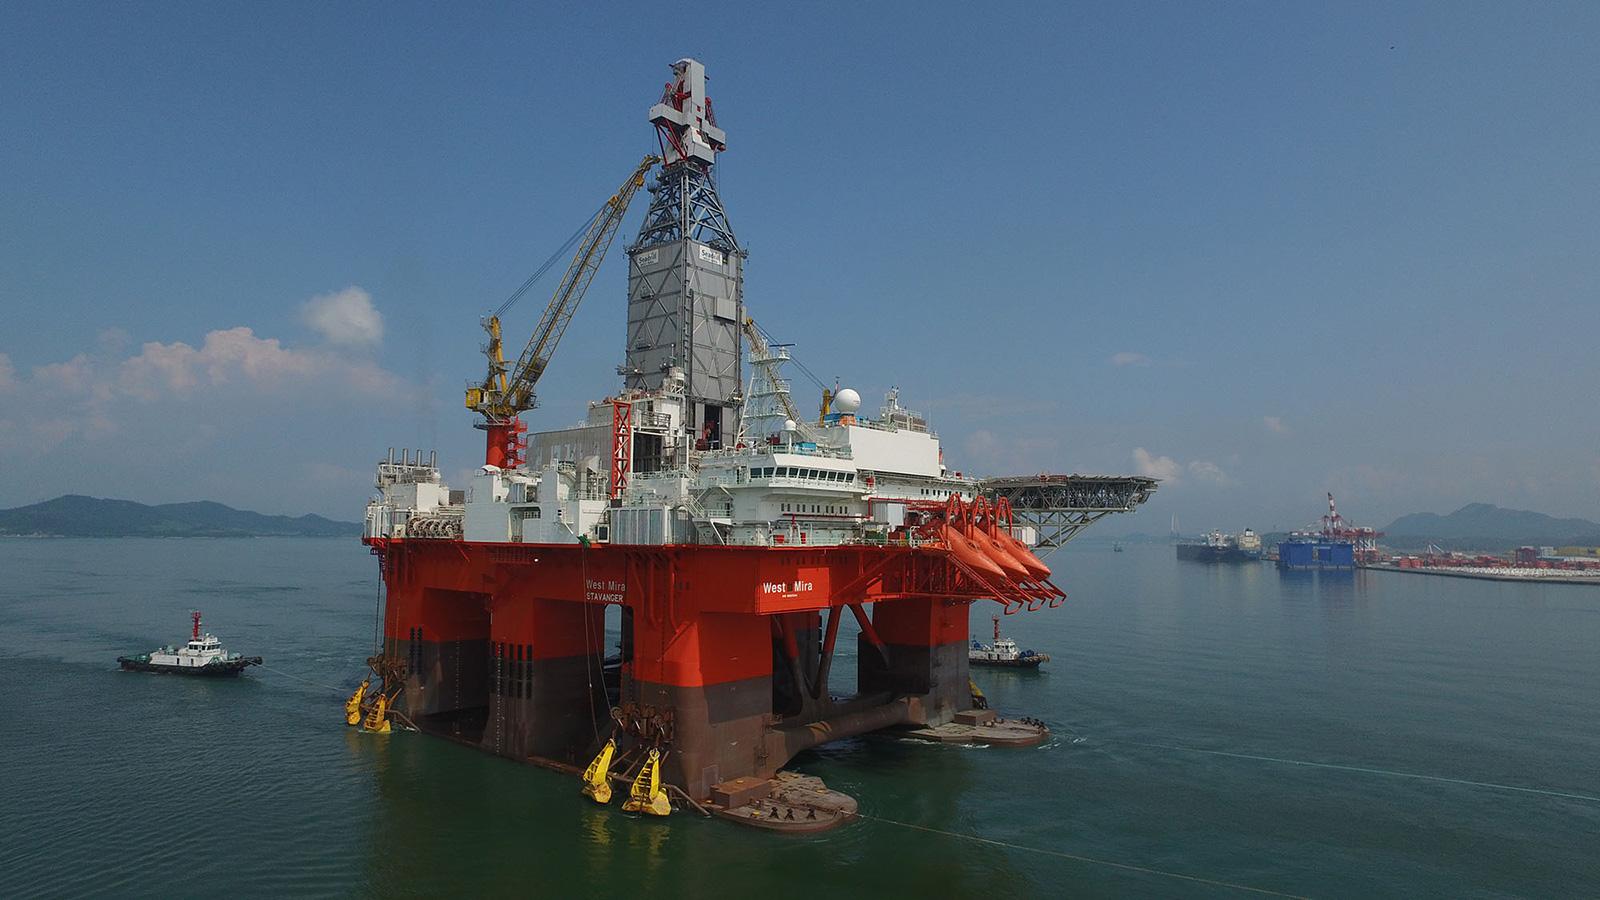 Northern Drilling Ltd